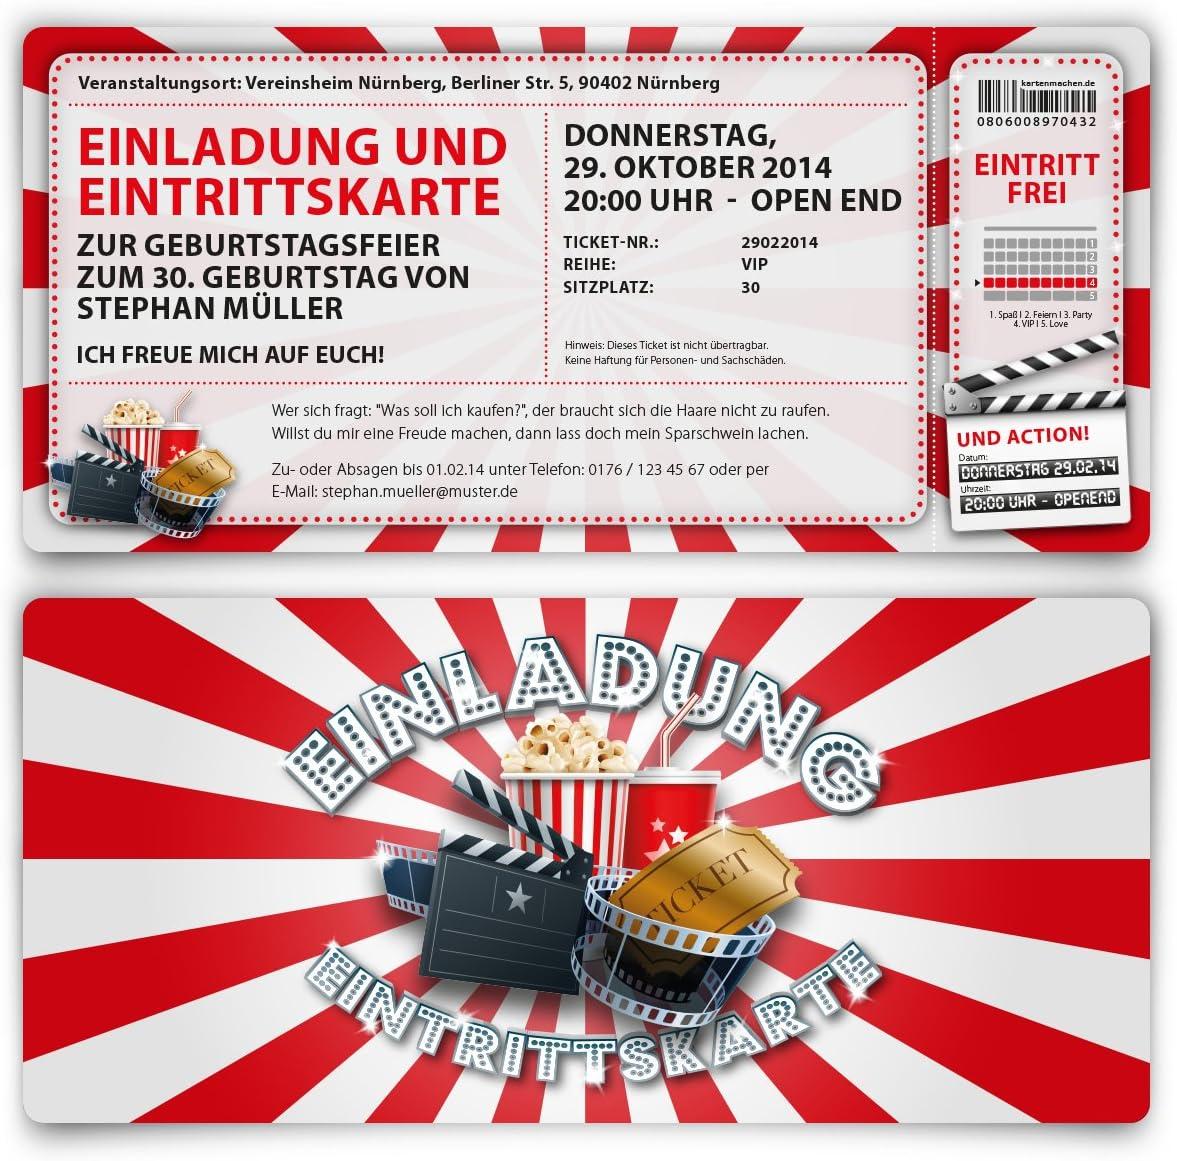 Einladungskarten zum Geburtstag mit Foto als Kinoticket Filmticket Abriss Coupon